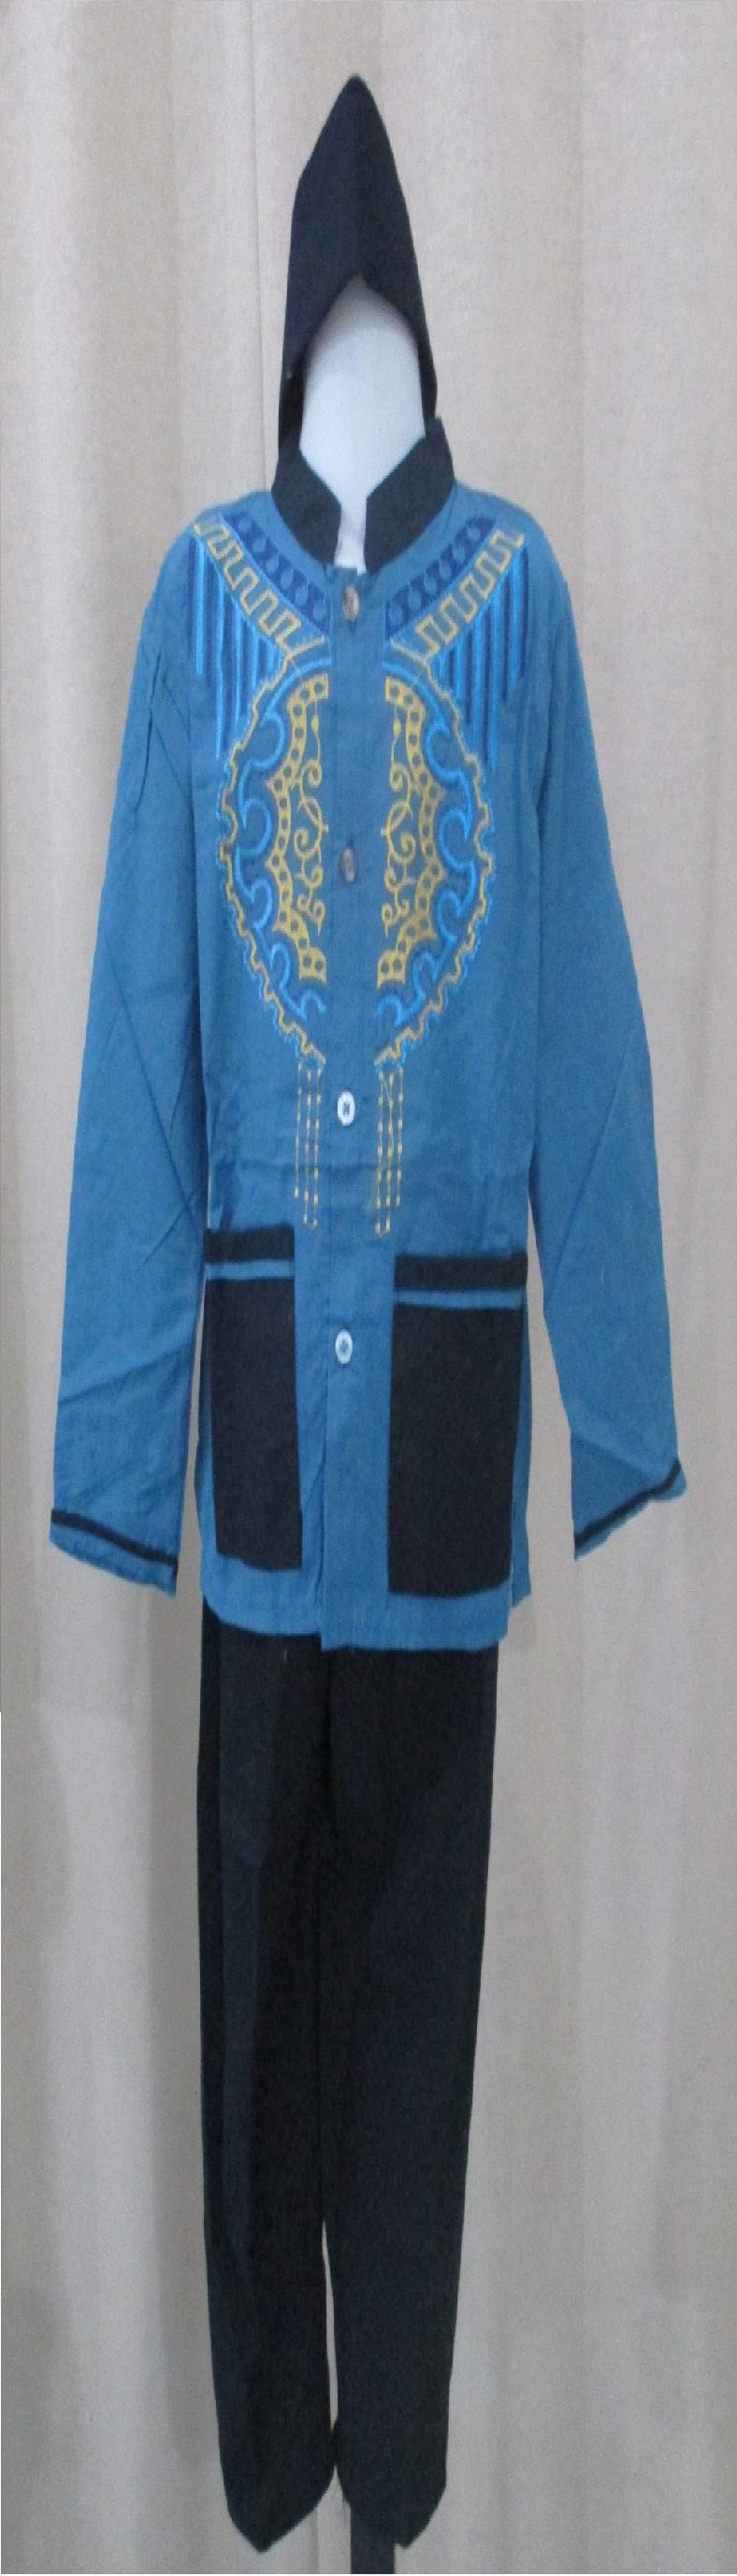 Baju Koko Katun Murah